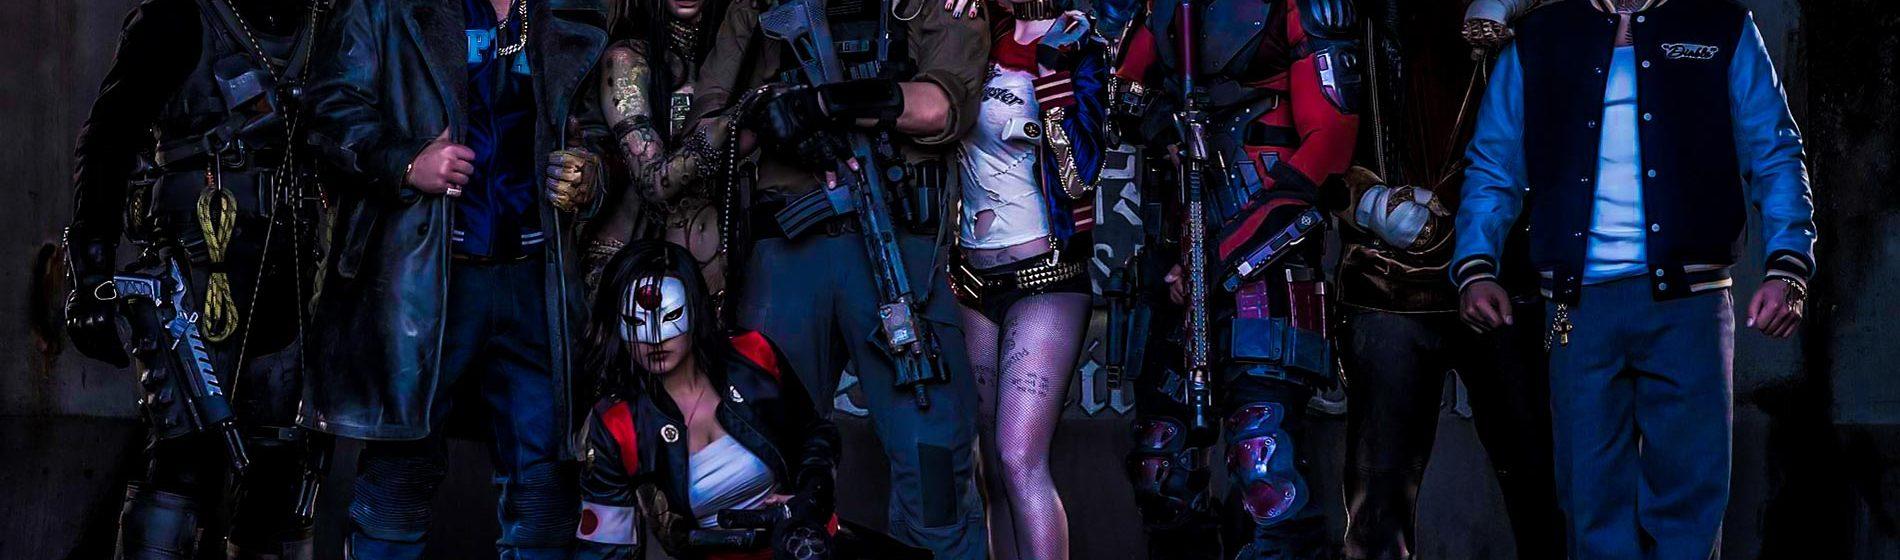 Suicide Squad Comic Con